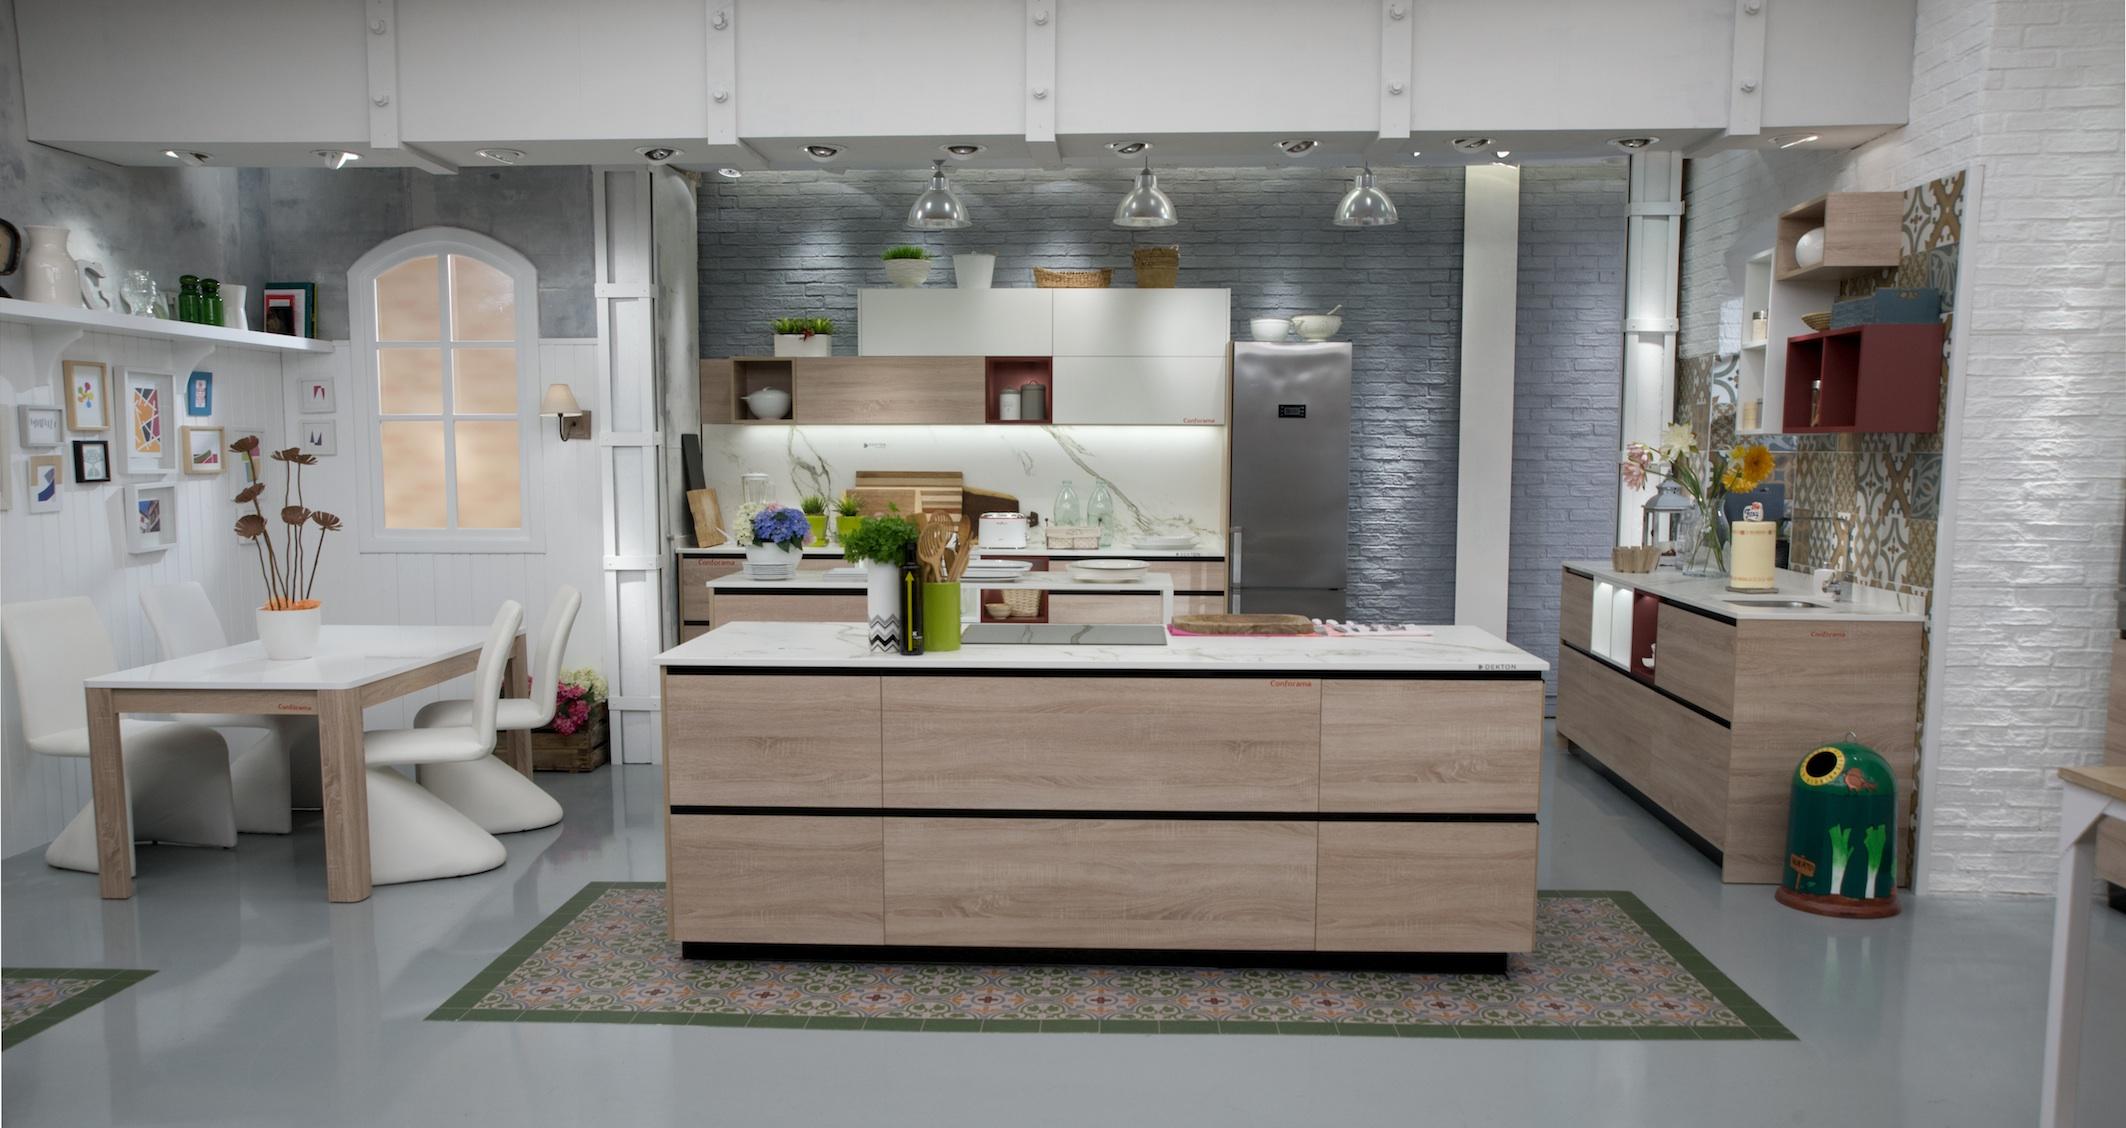 Karlos argui ano tambi n se pasa al dekton en su nueva cocina for Cocina karlos arguinano